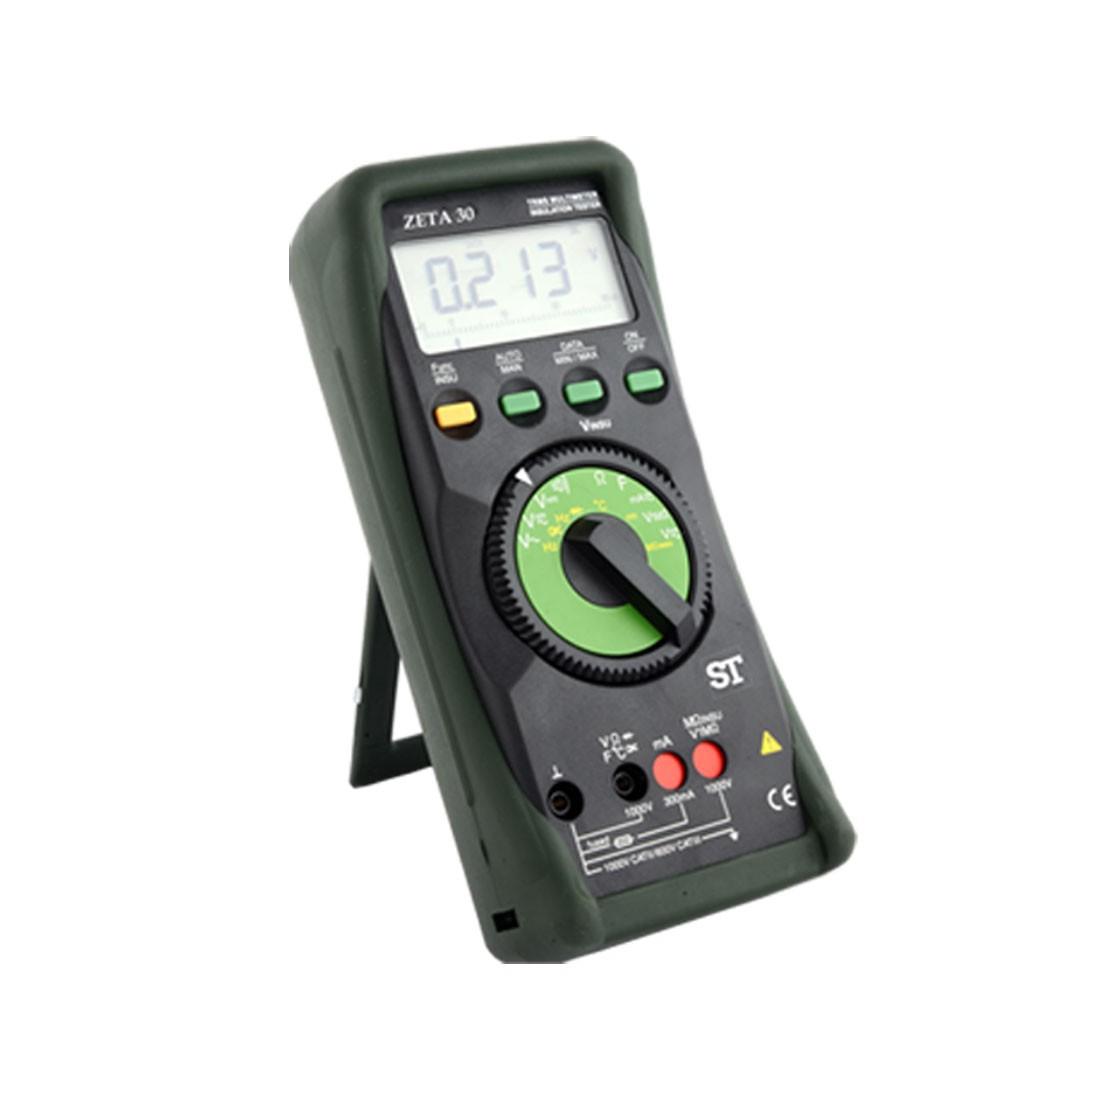 Zeta 30 Handheld Digital Multimeter